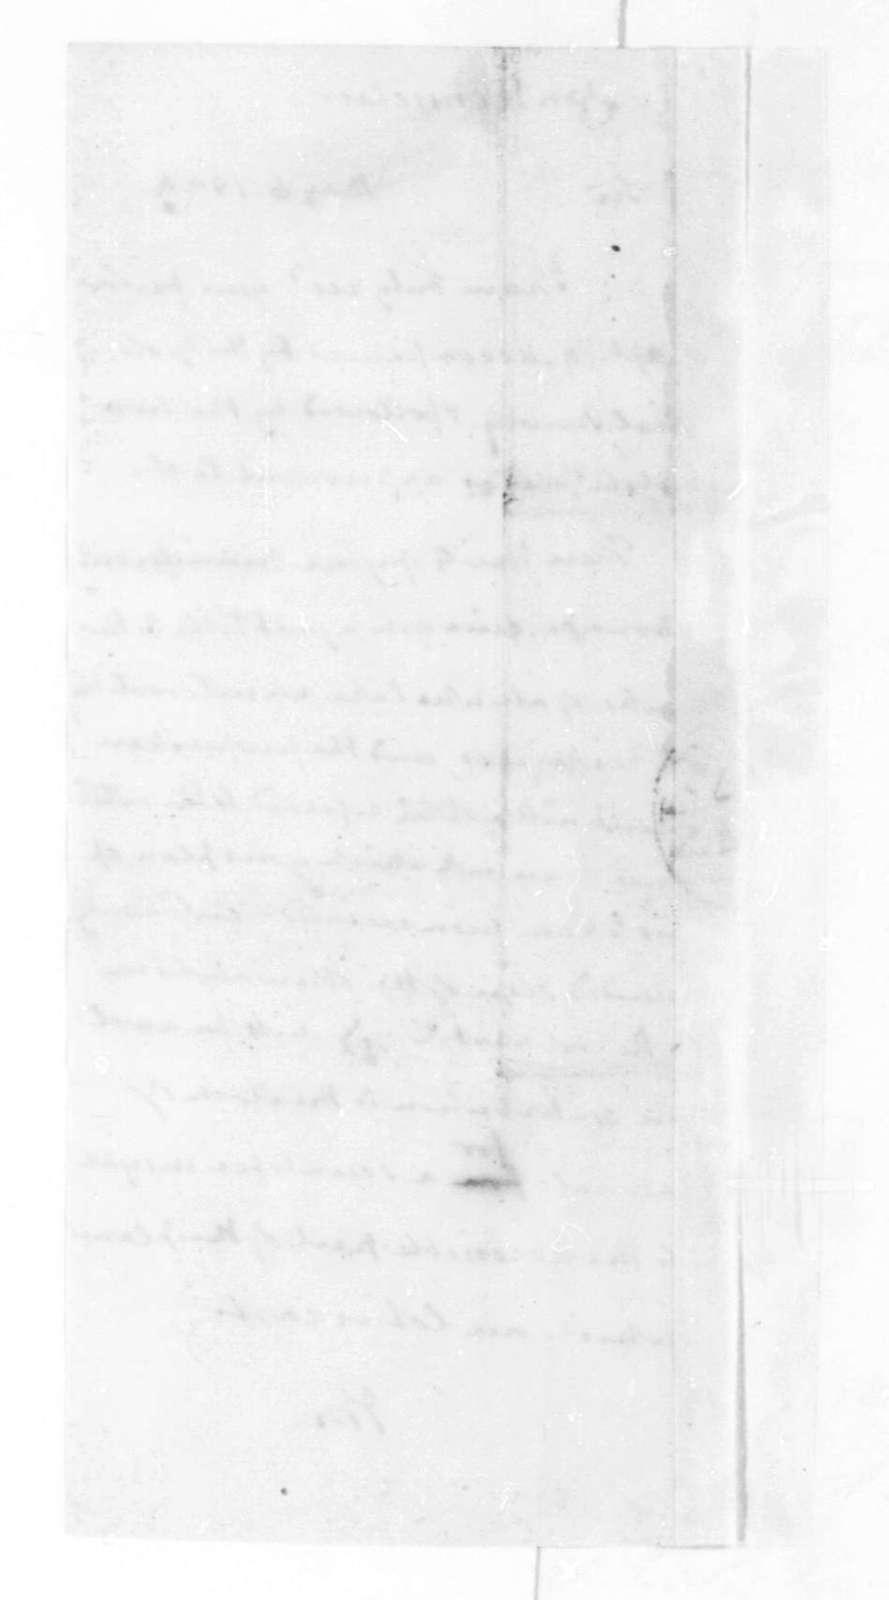 James Madison to Stephen Van Rensselaer, May 6, 1824.